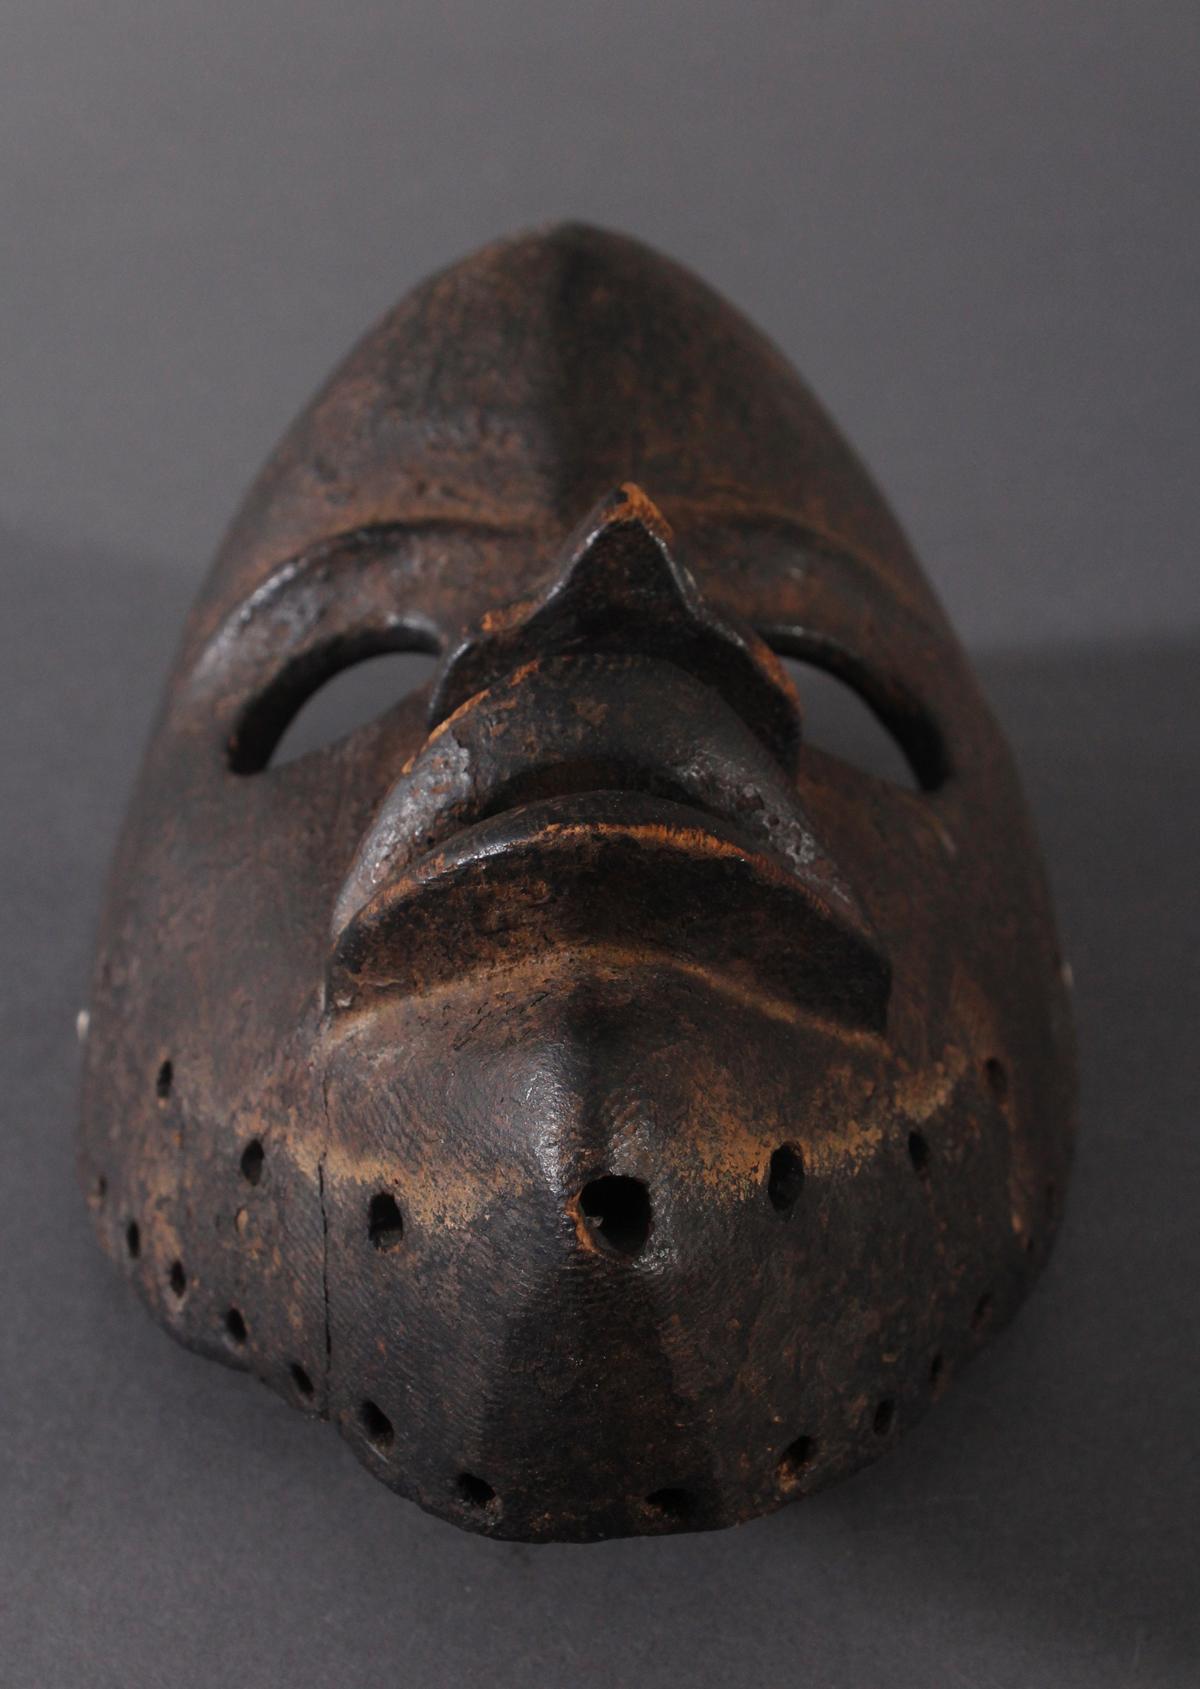 Antike Maske, Dan, Liberia. 'Feuermelder'-4